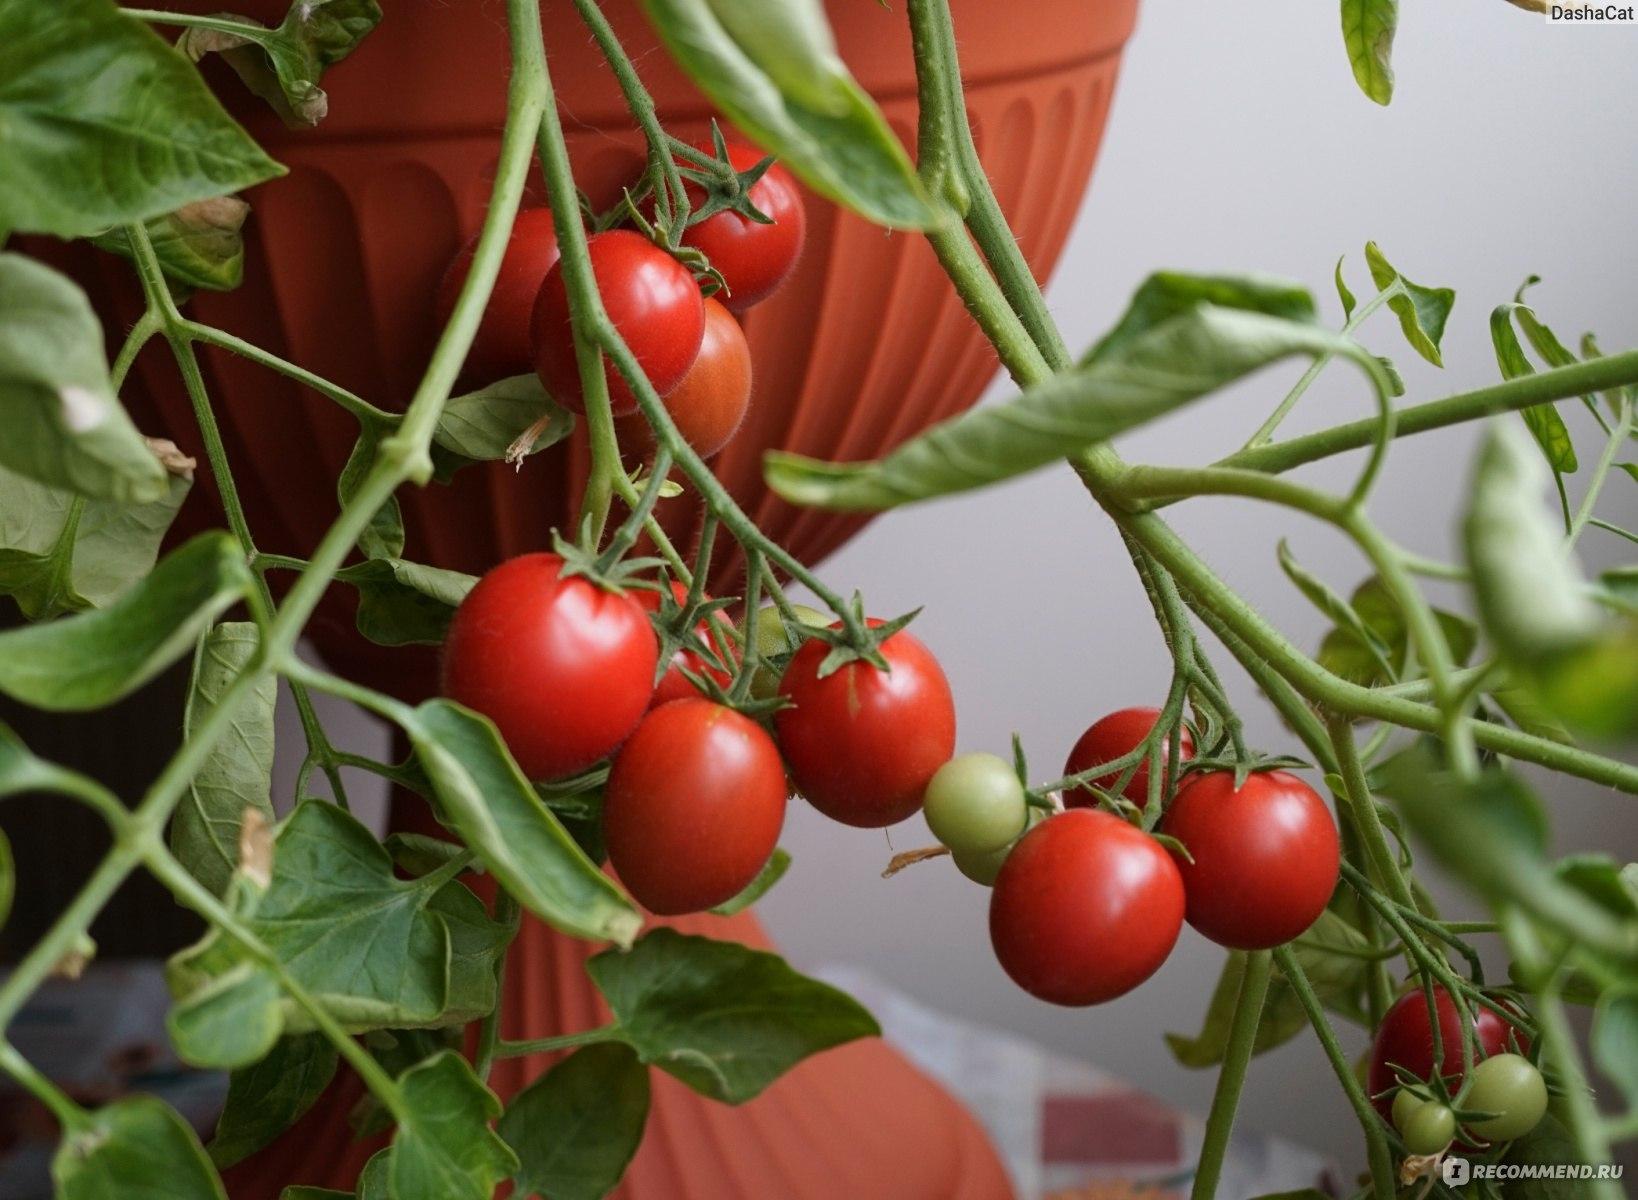 Томат чудо гроздь f1: отзывы, описание, основные характеристики